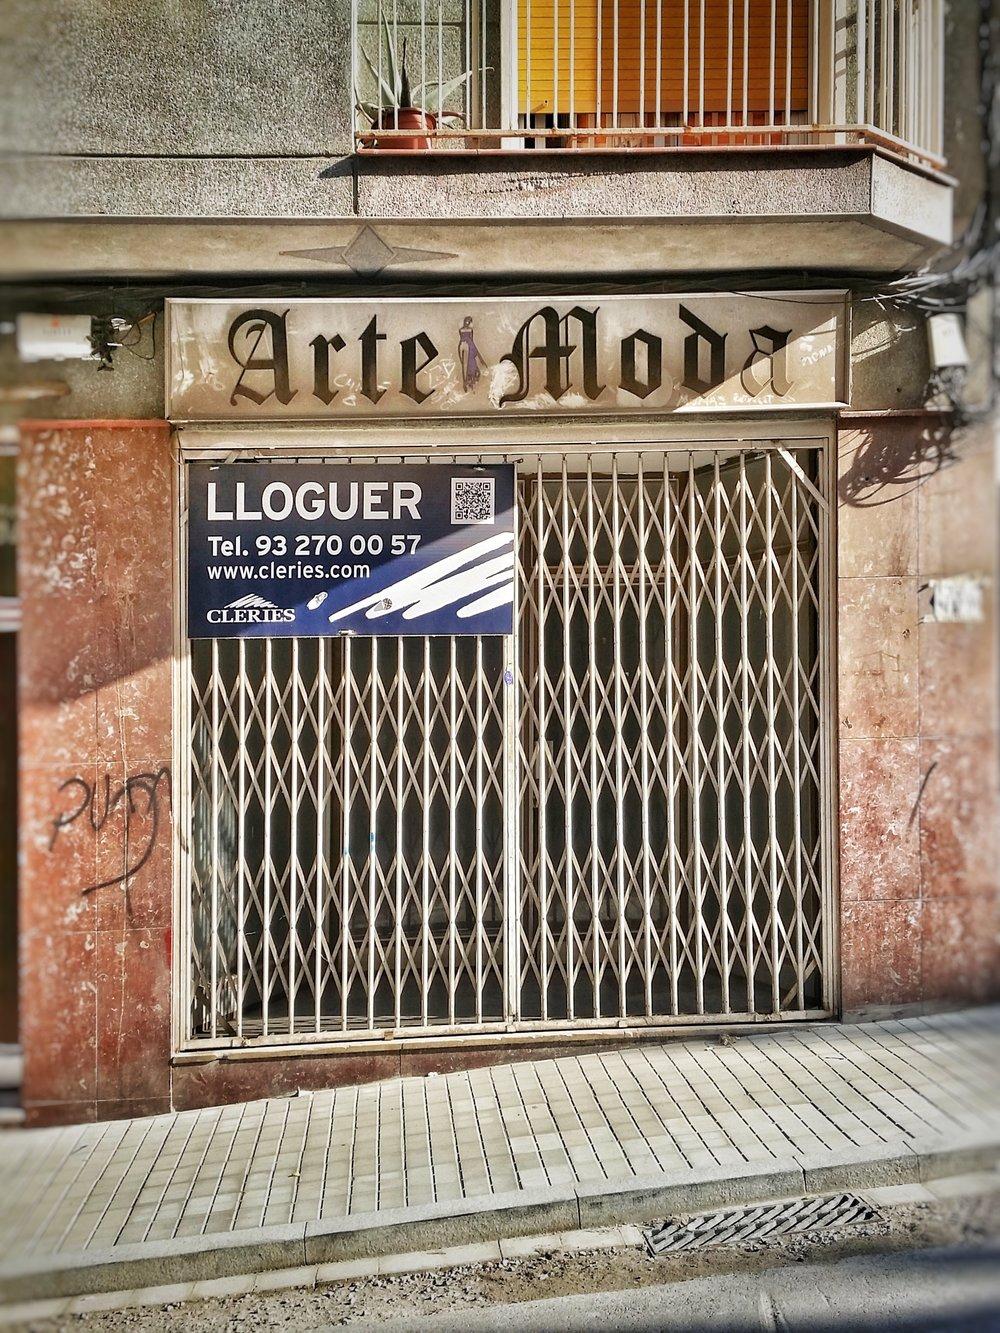 Aerfeldt_Barcelona_shopfront_2.jpg